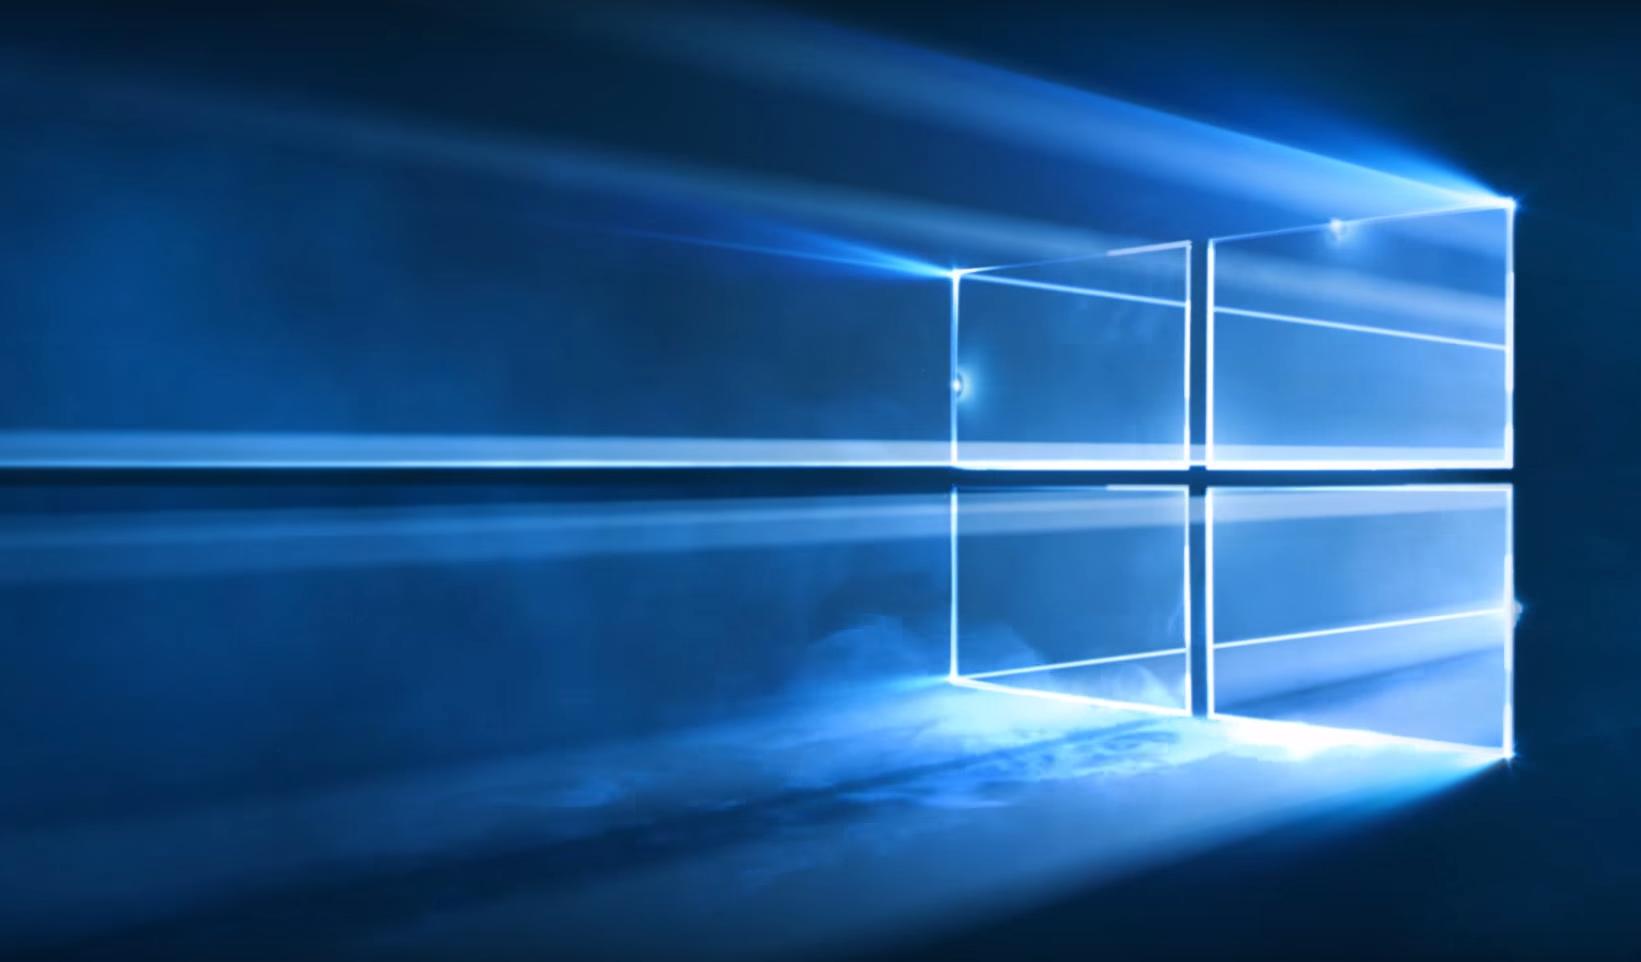 Le Fond D Ecran De Windows 10 Est Une Vraie Photo Modding Fr